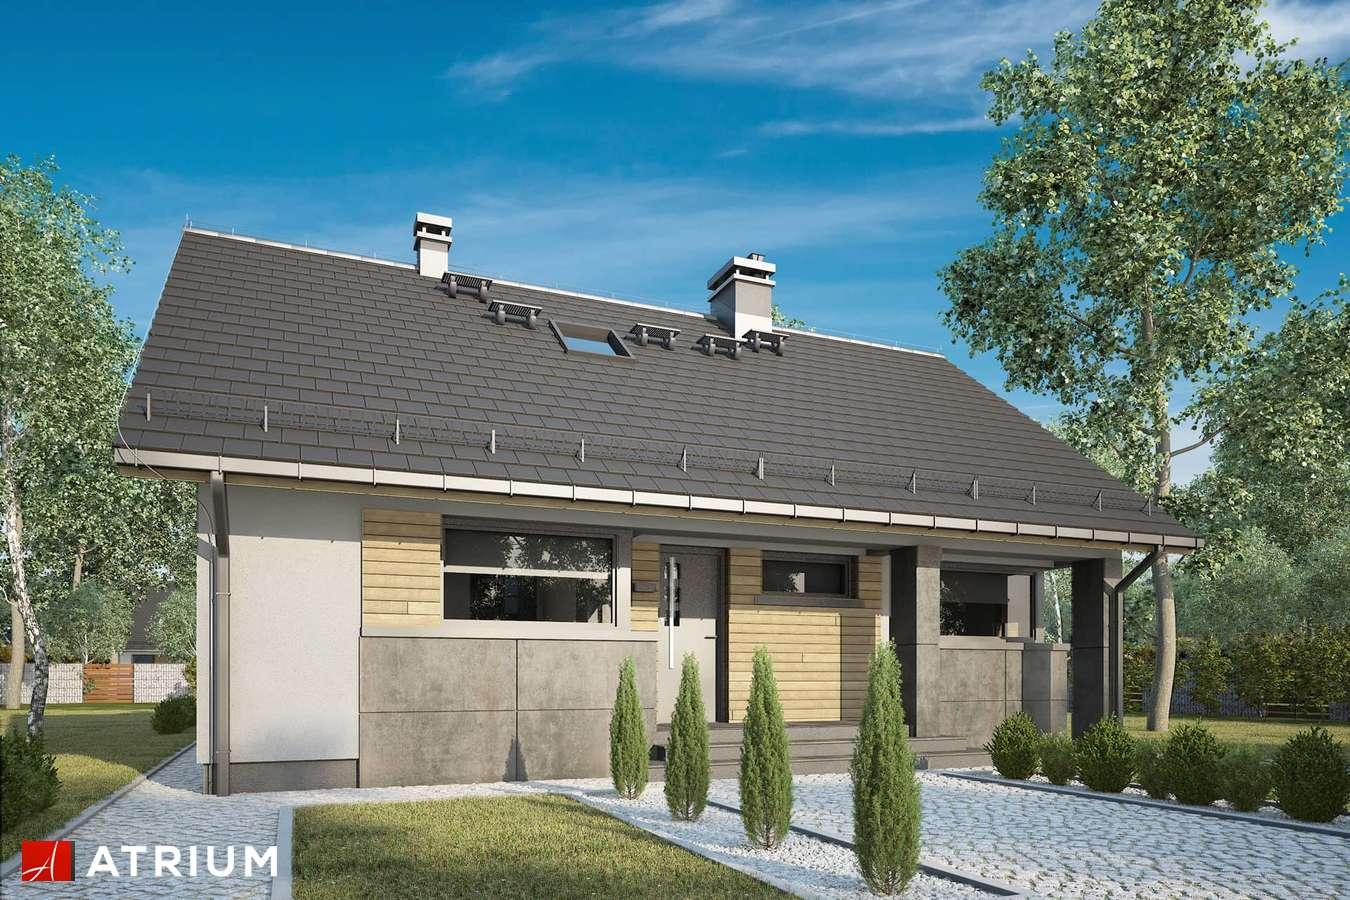 Projekty domów - Projekt domu z poddaszem RICARDO LIFT IV - wizualizacja 1